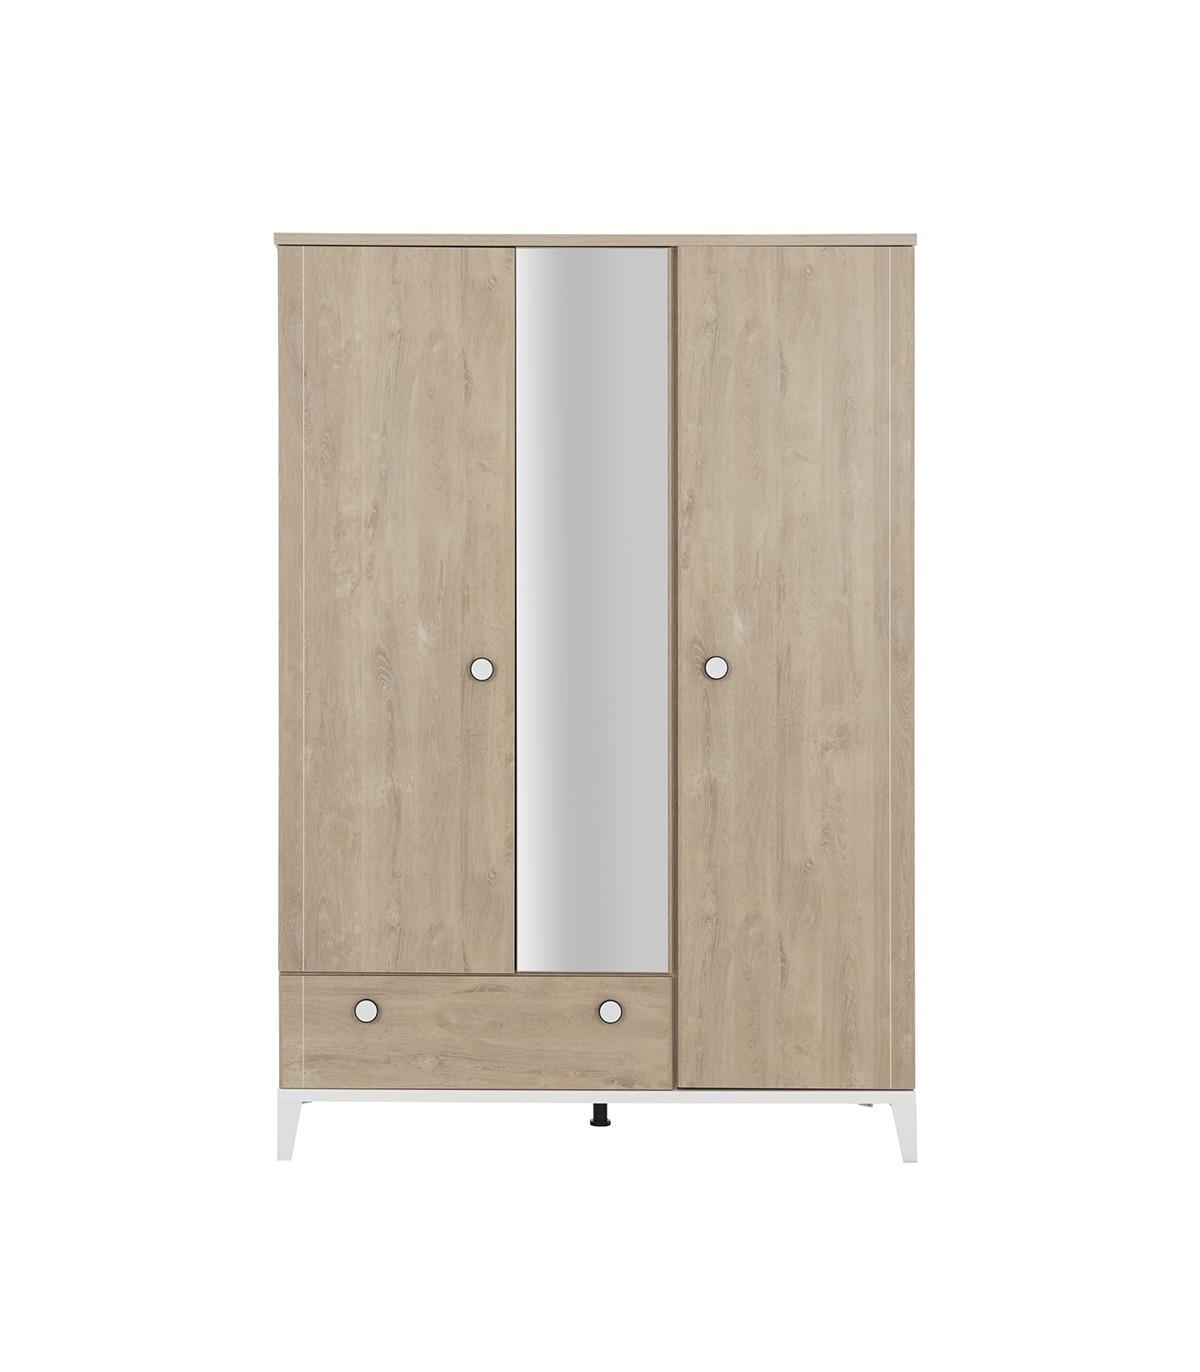 Armoire 3 portes 1 tiroir effet bois Enfant 136 x 195cm